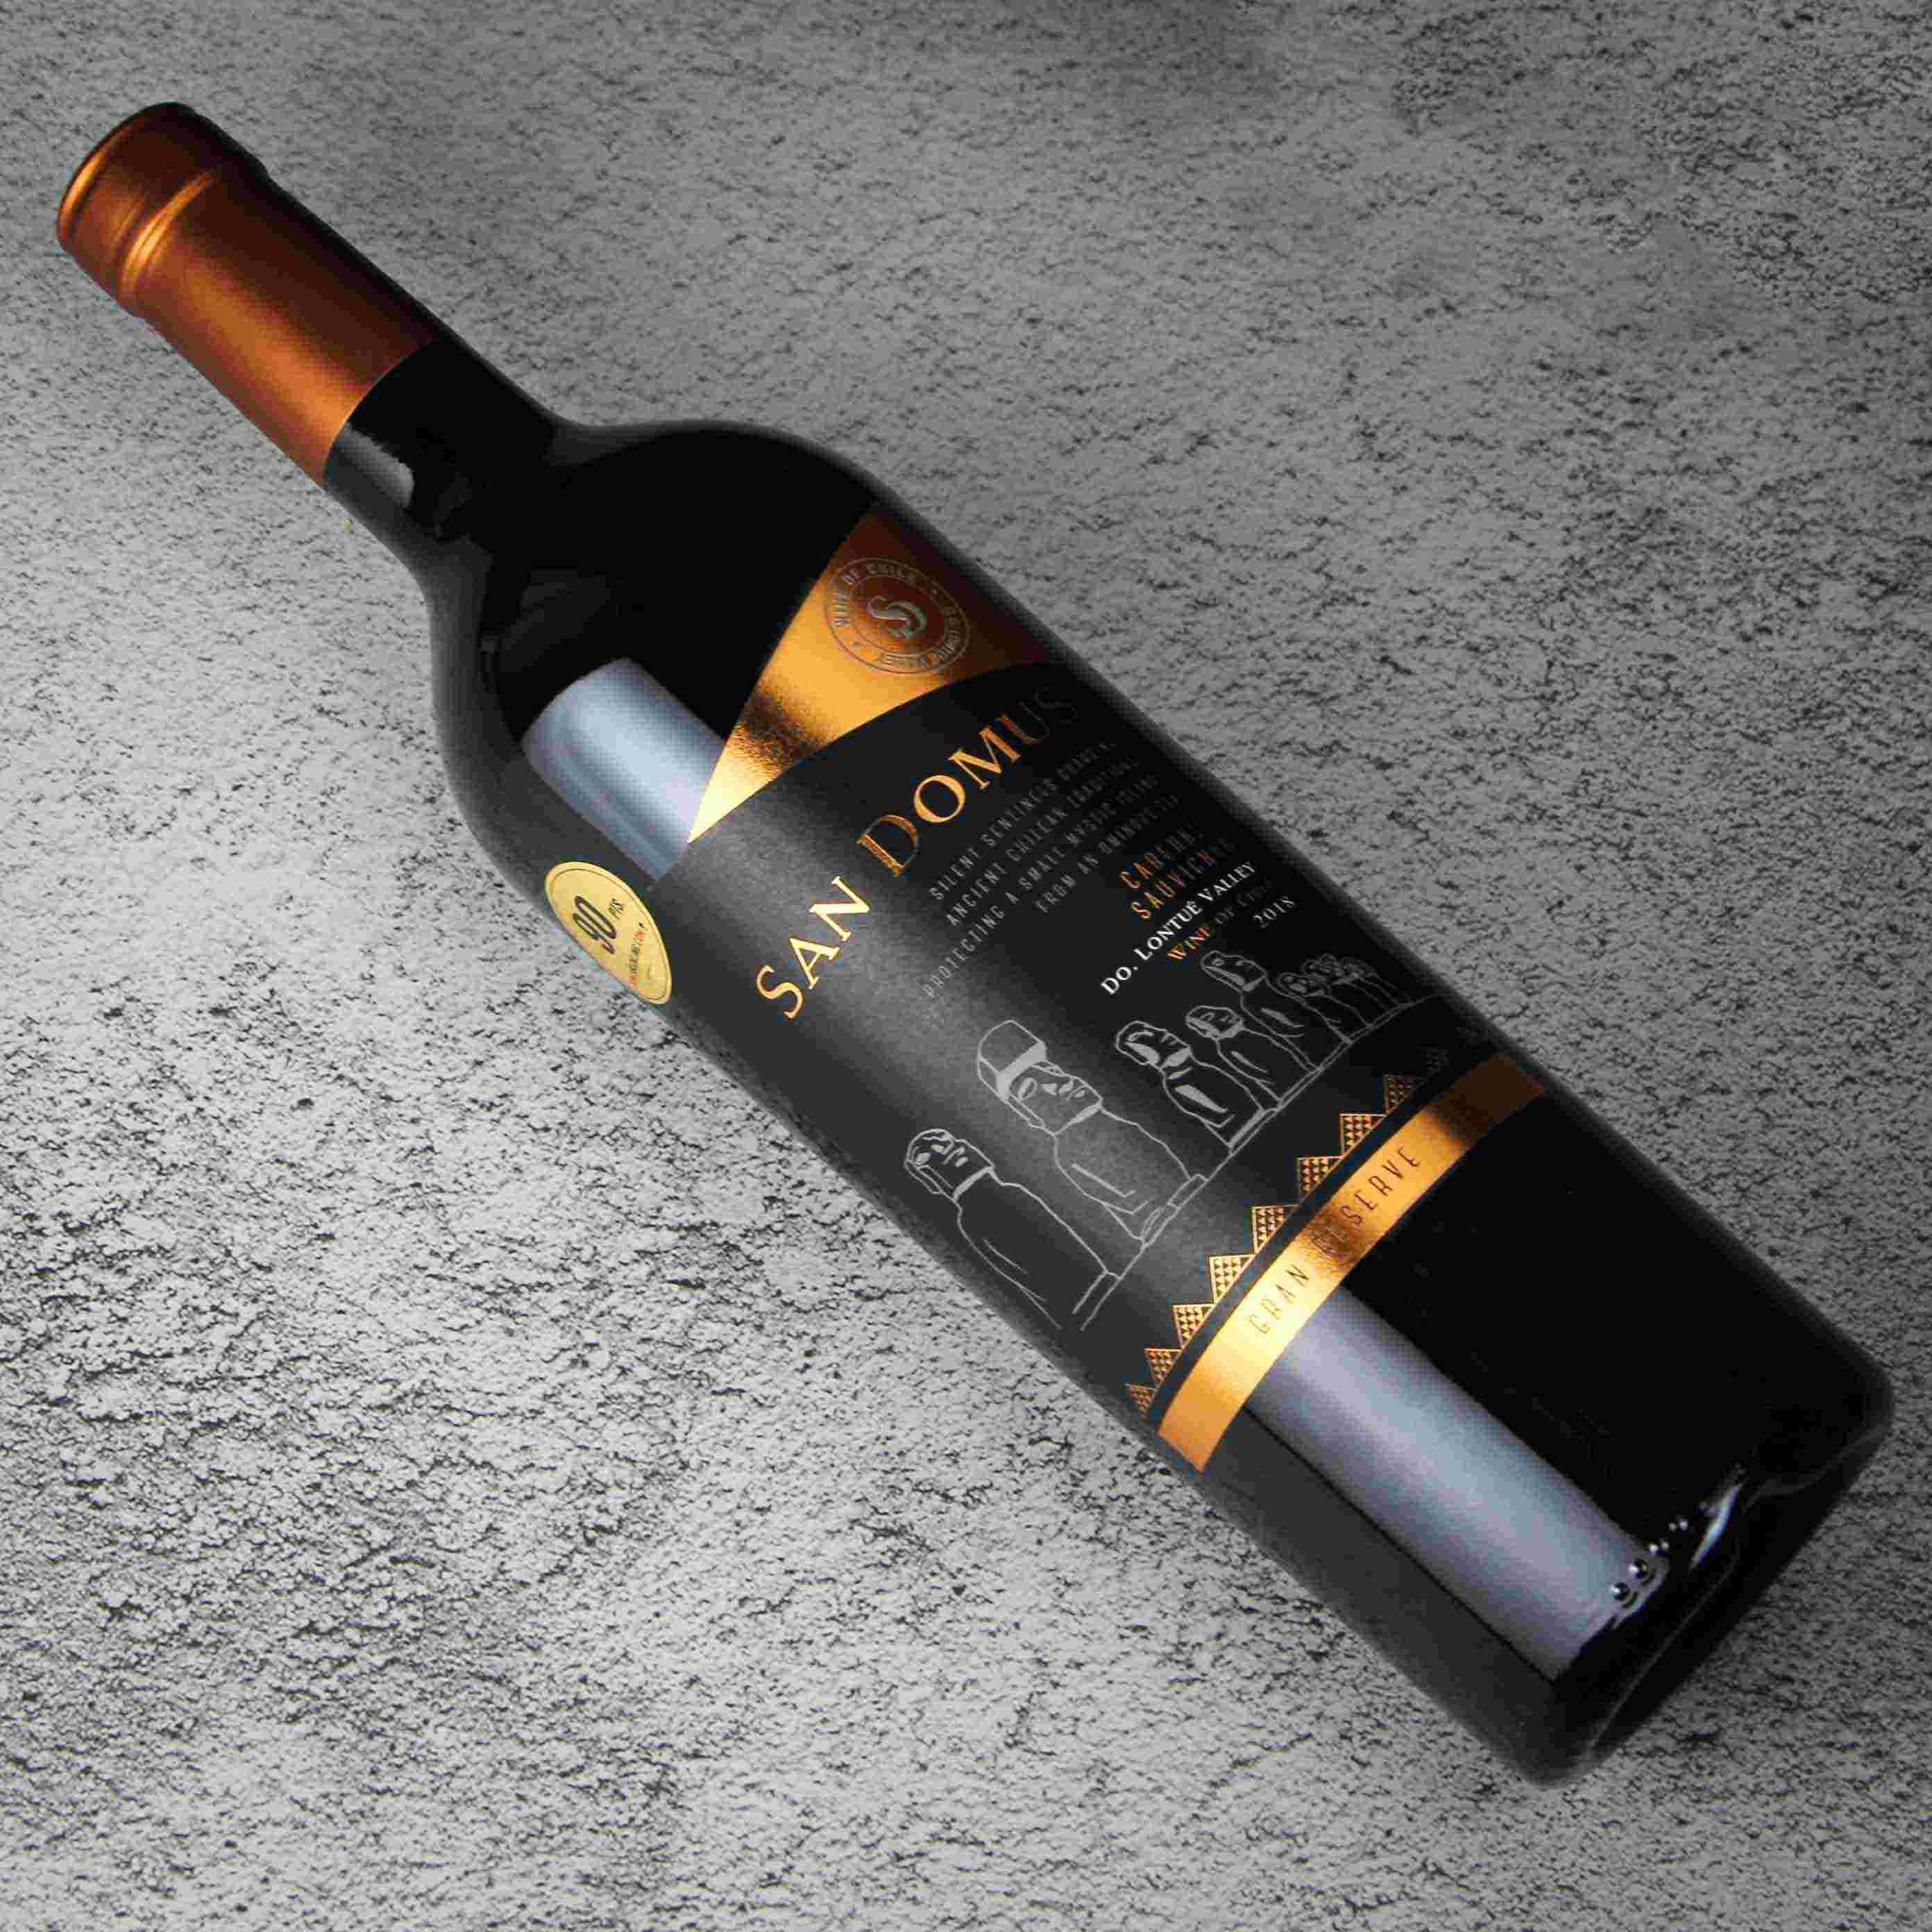 智利金纳斯家族酒庄隆图河谷圣多沐斯特藏赤霞珠干红葡萄酒